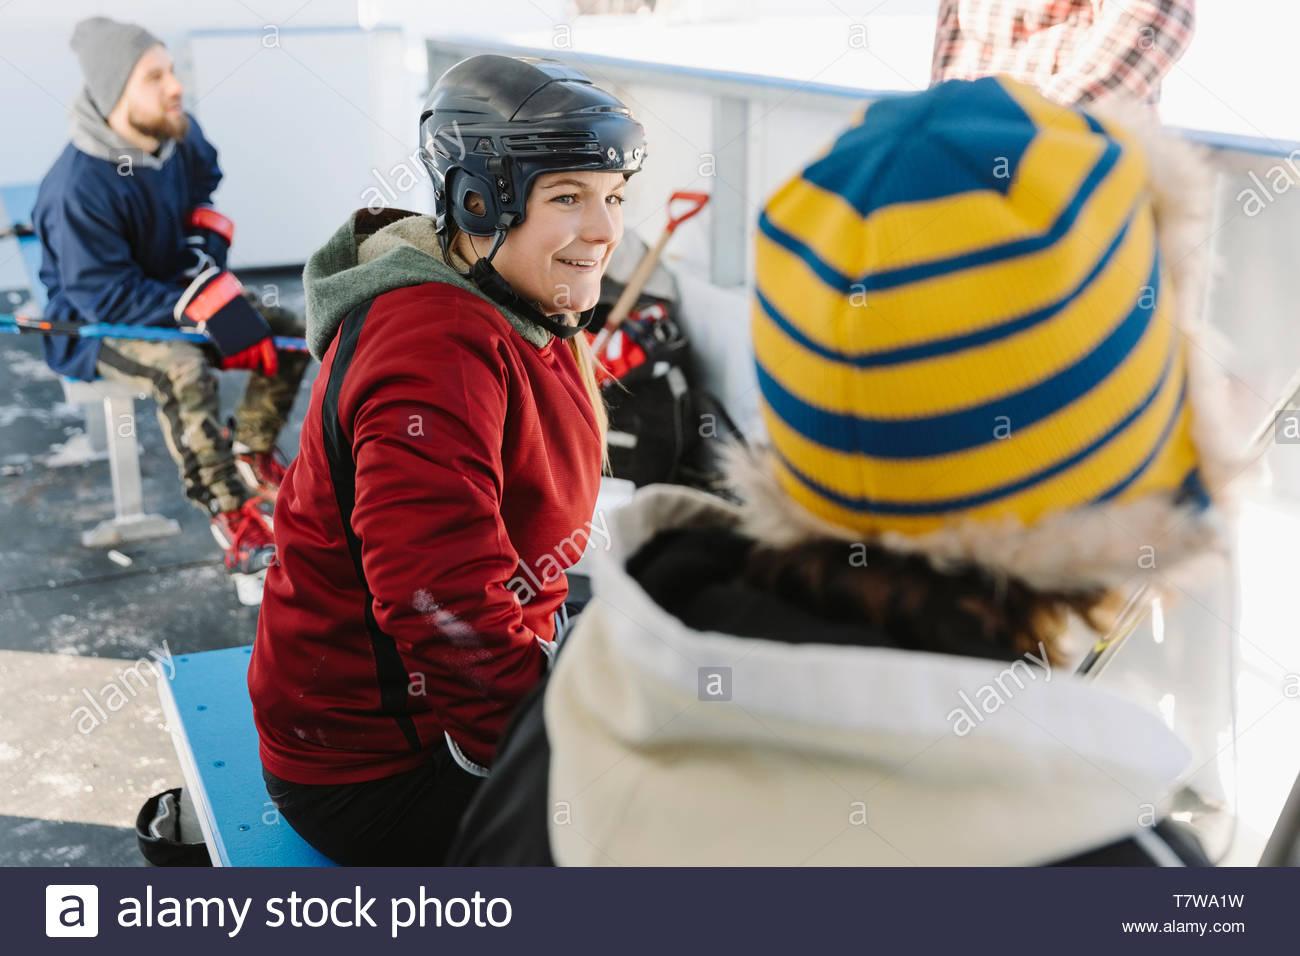 Smiling woman prépare à jouer de hockey sur glace en plein air Photo Stock